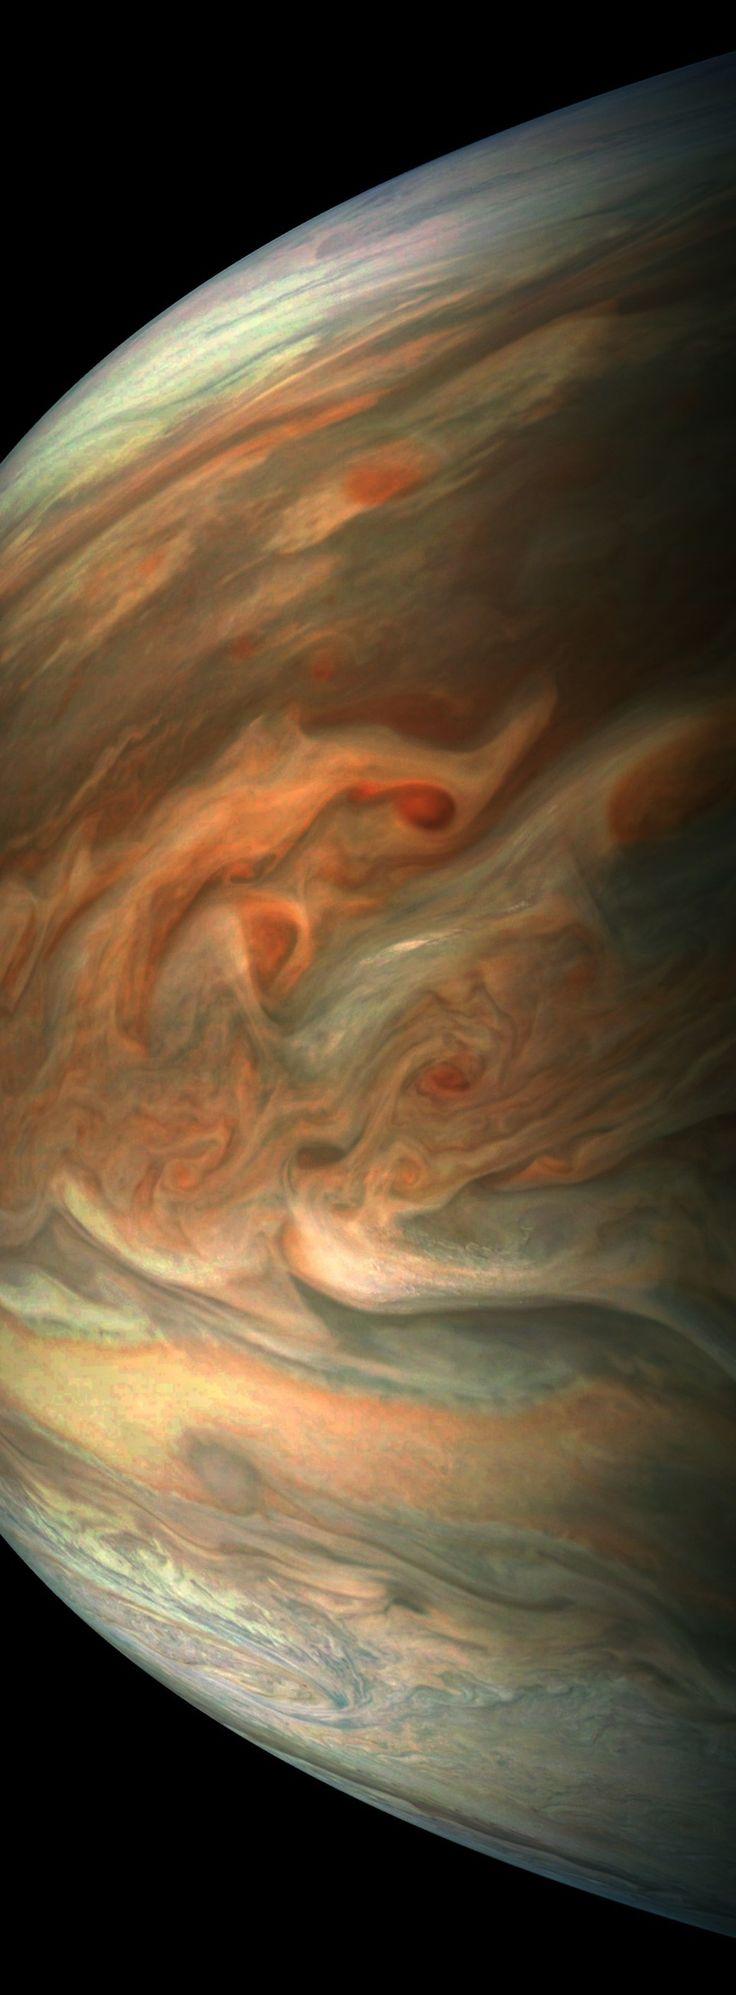 Cientista Gerald Eichstädt processou imagem usando dados da JunoCam